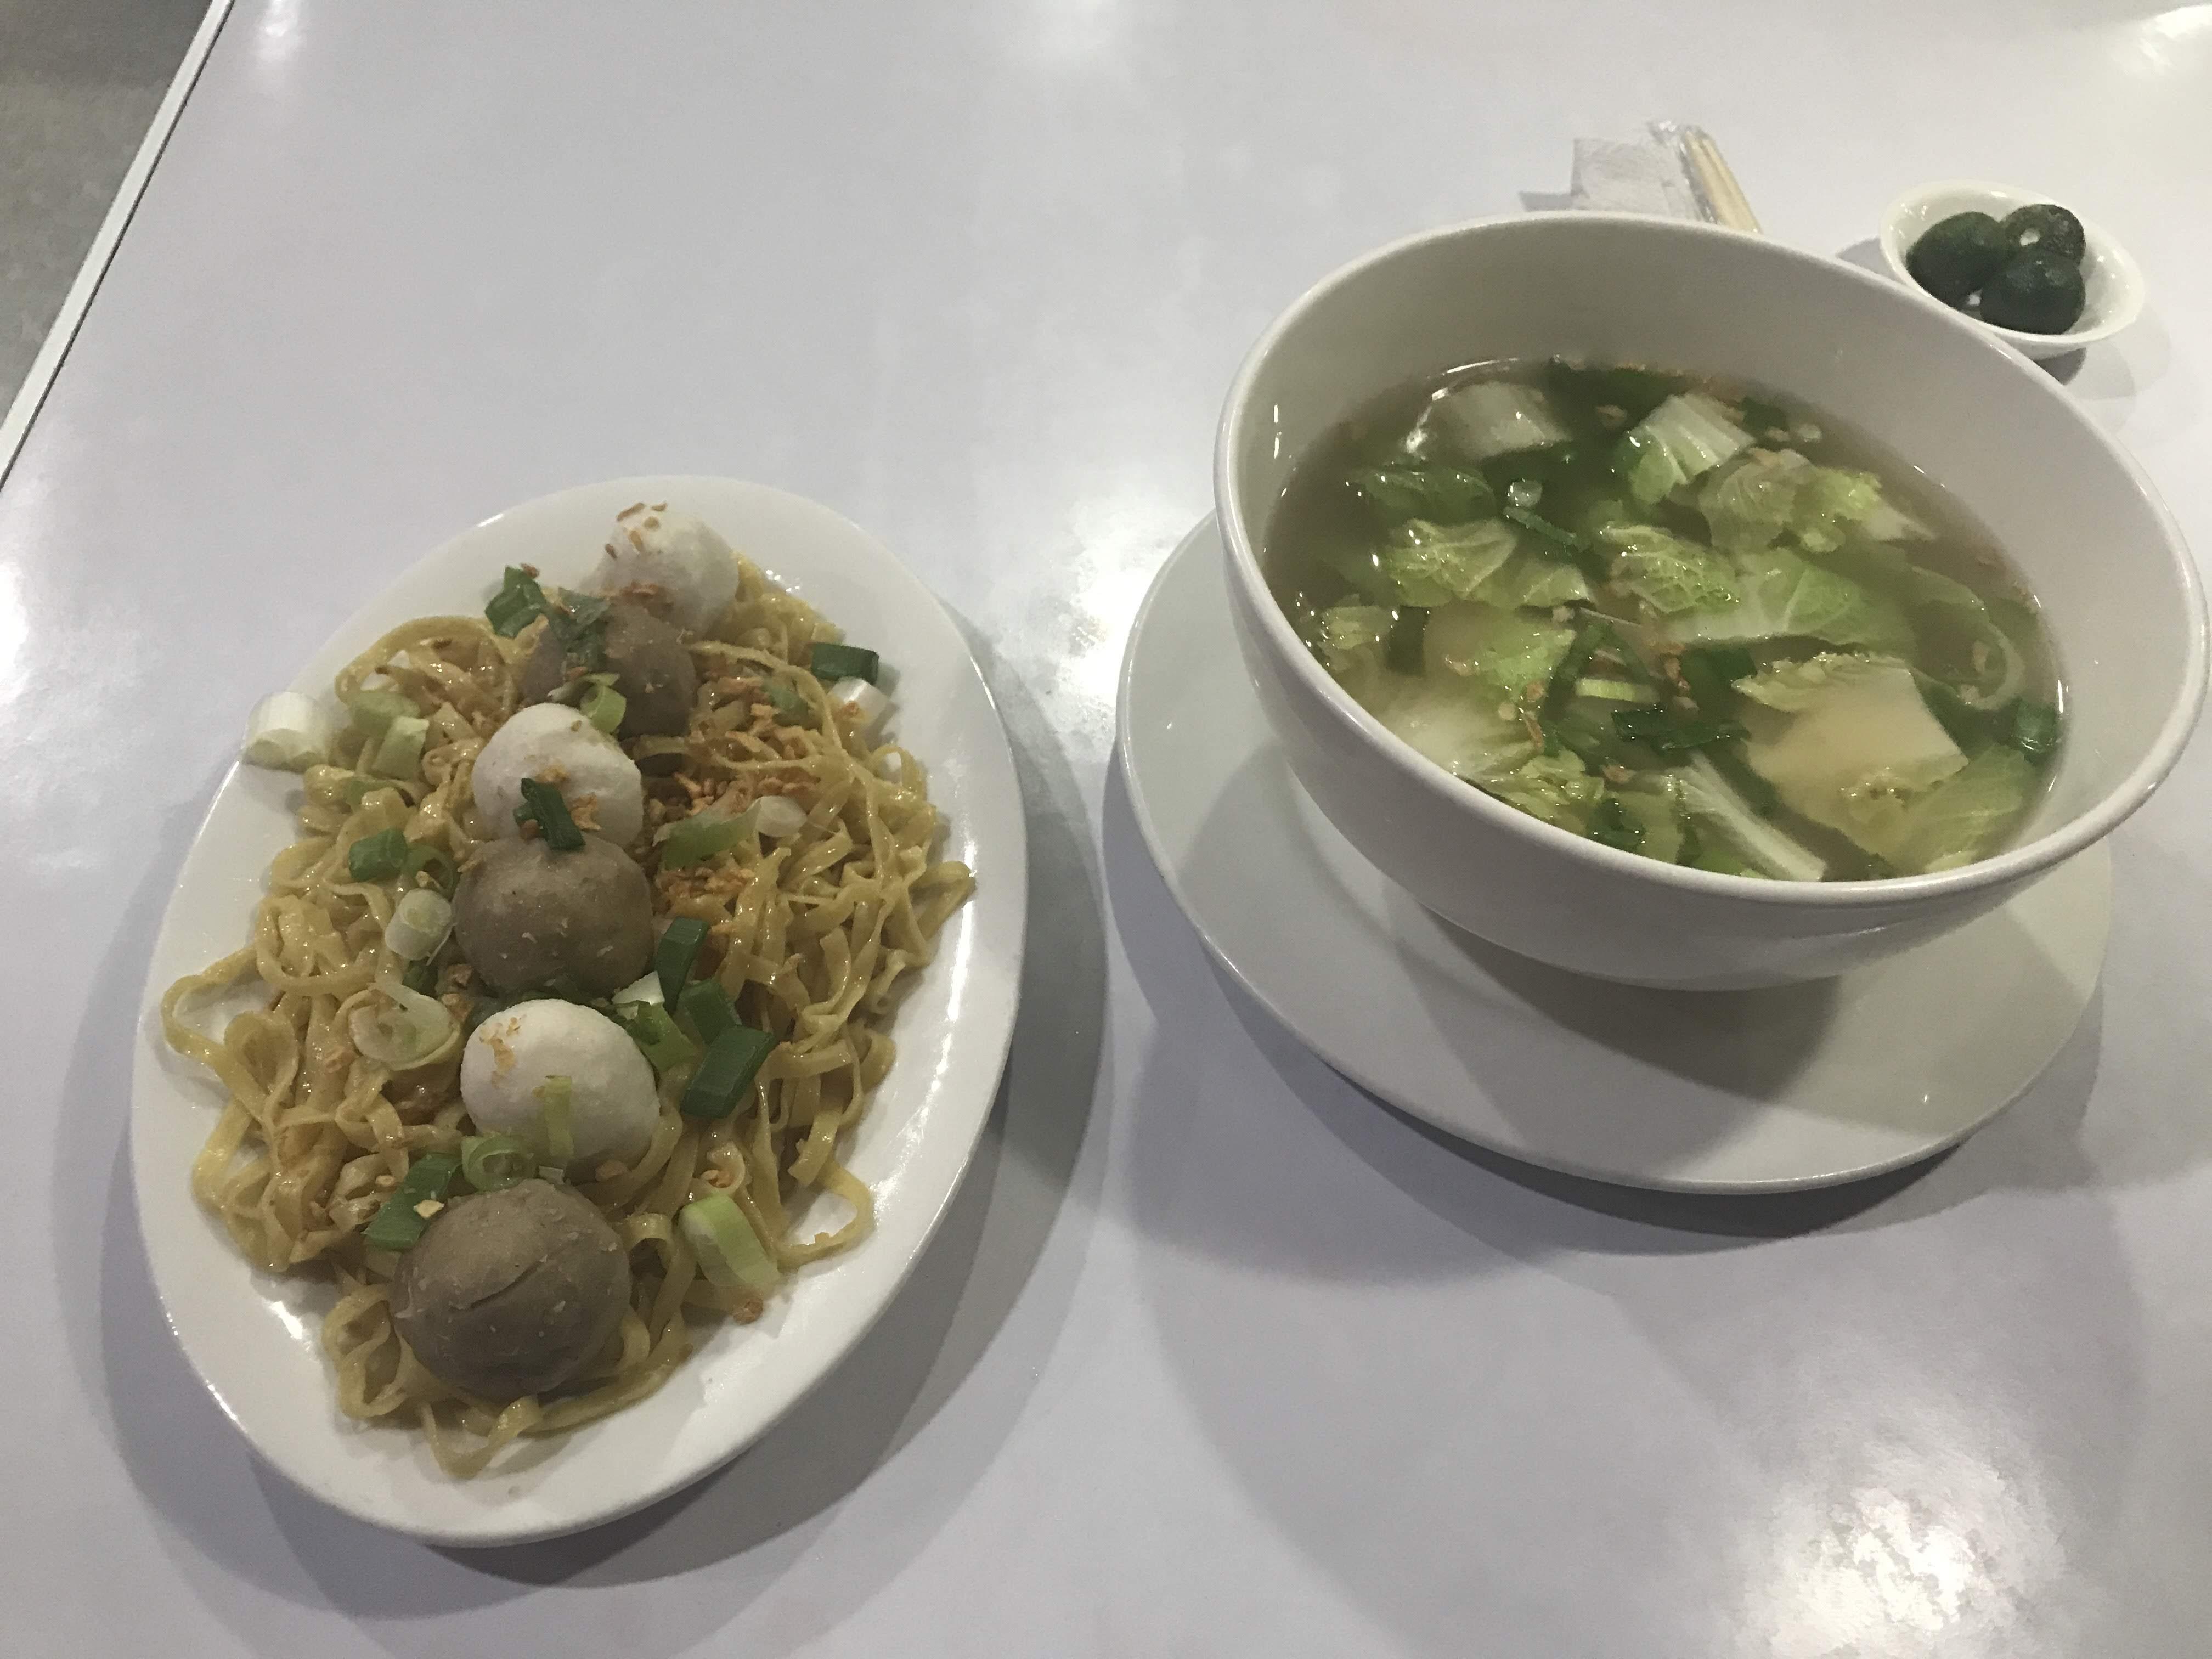 2019年初秋に訪れたアンヘレス で小腹が空いた時に食べに行ったSumpan Noodles and Dimsumがお手軽食堂風だった件